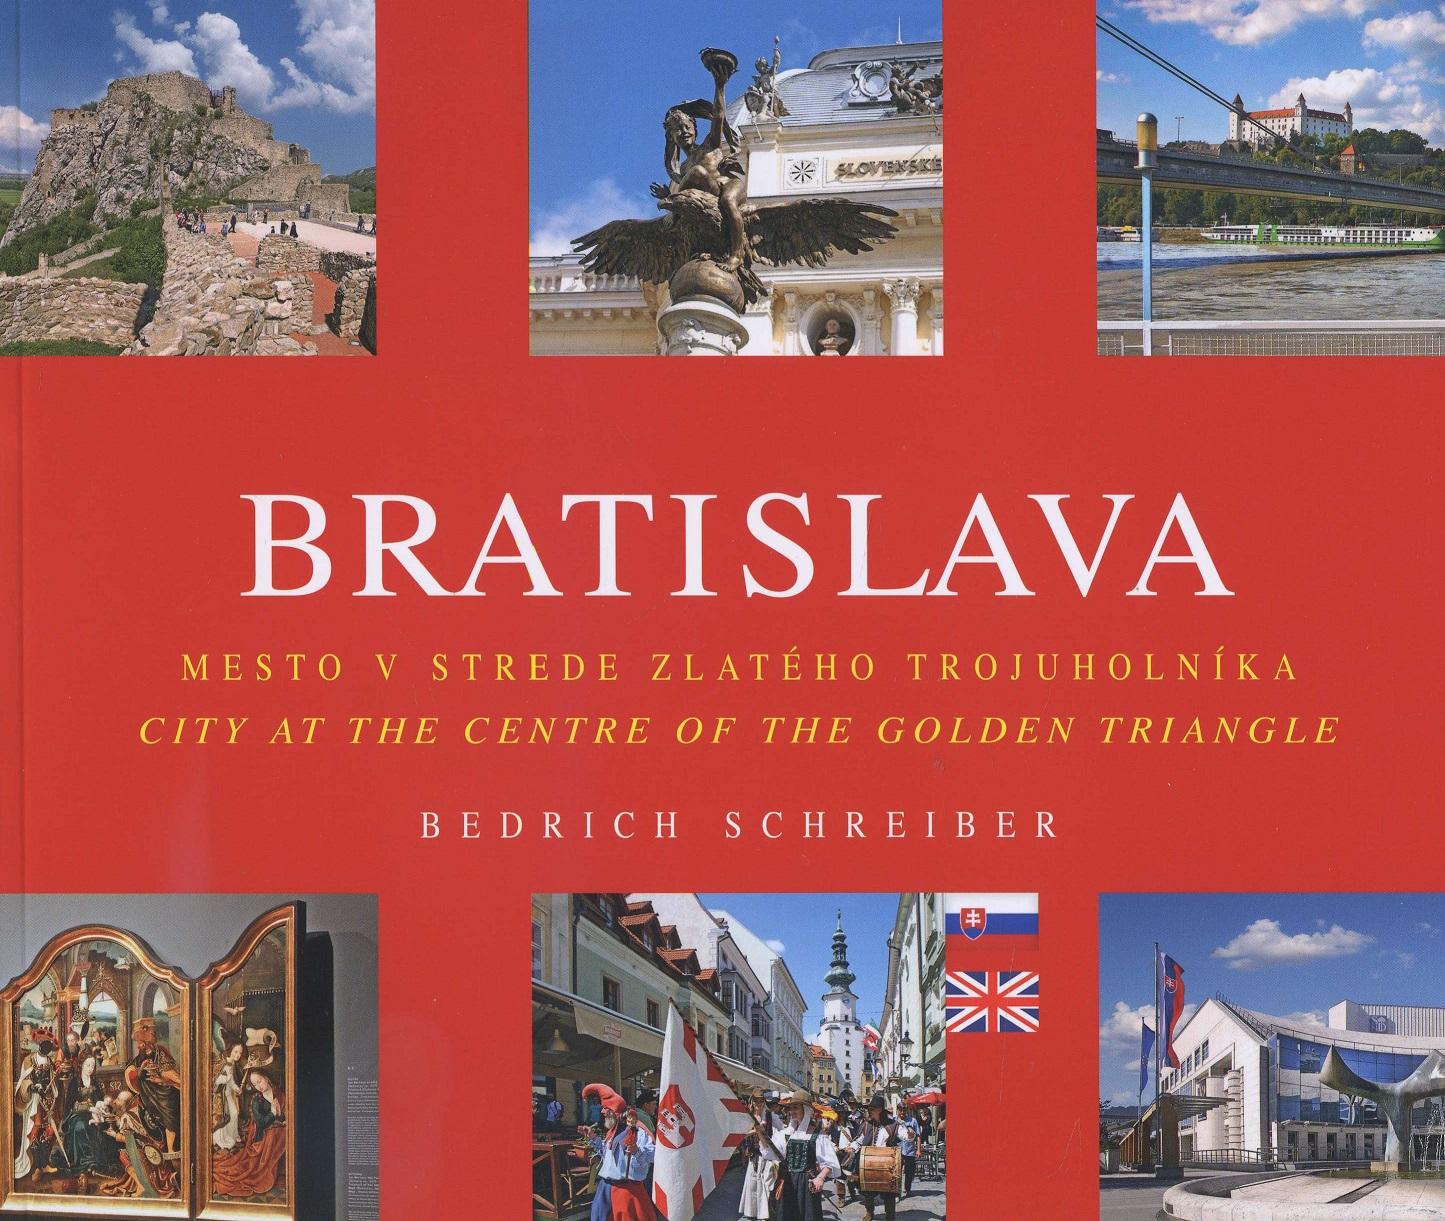 Bratislava - Mesto v strede zlatého trojuholníka / City at the centre of the golden triangle